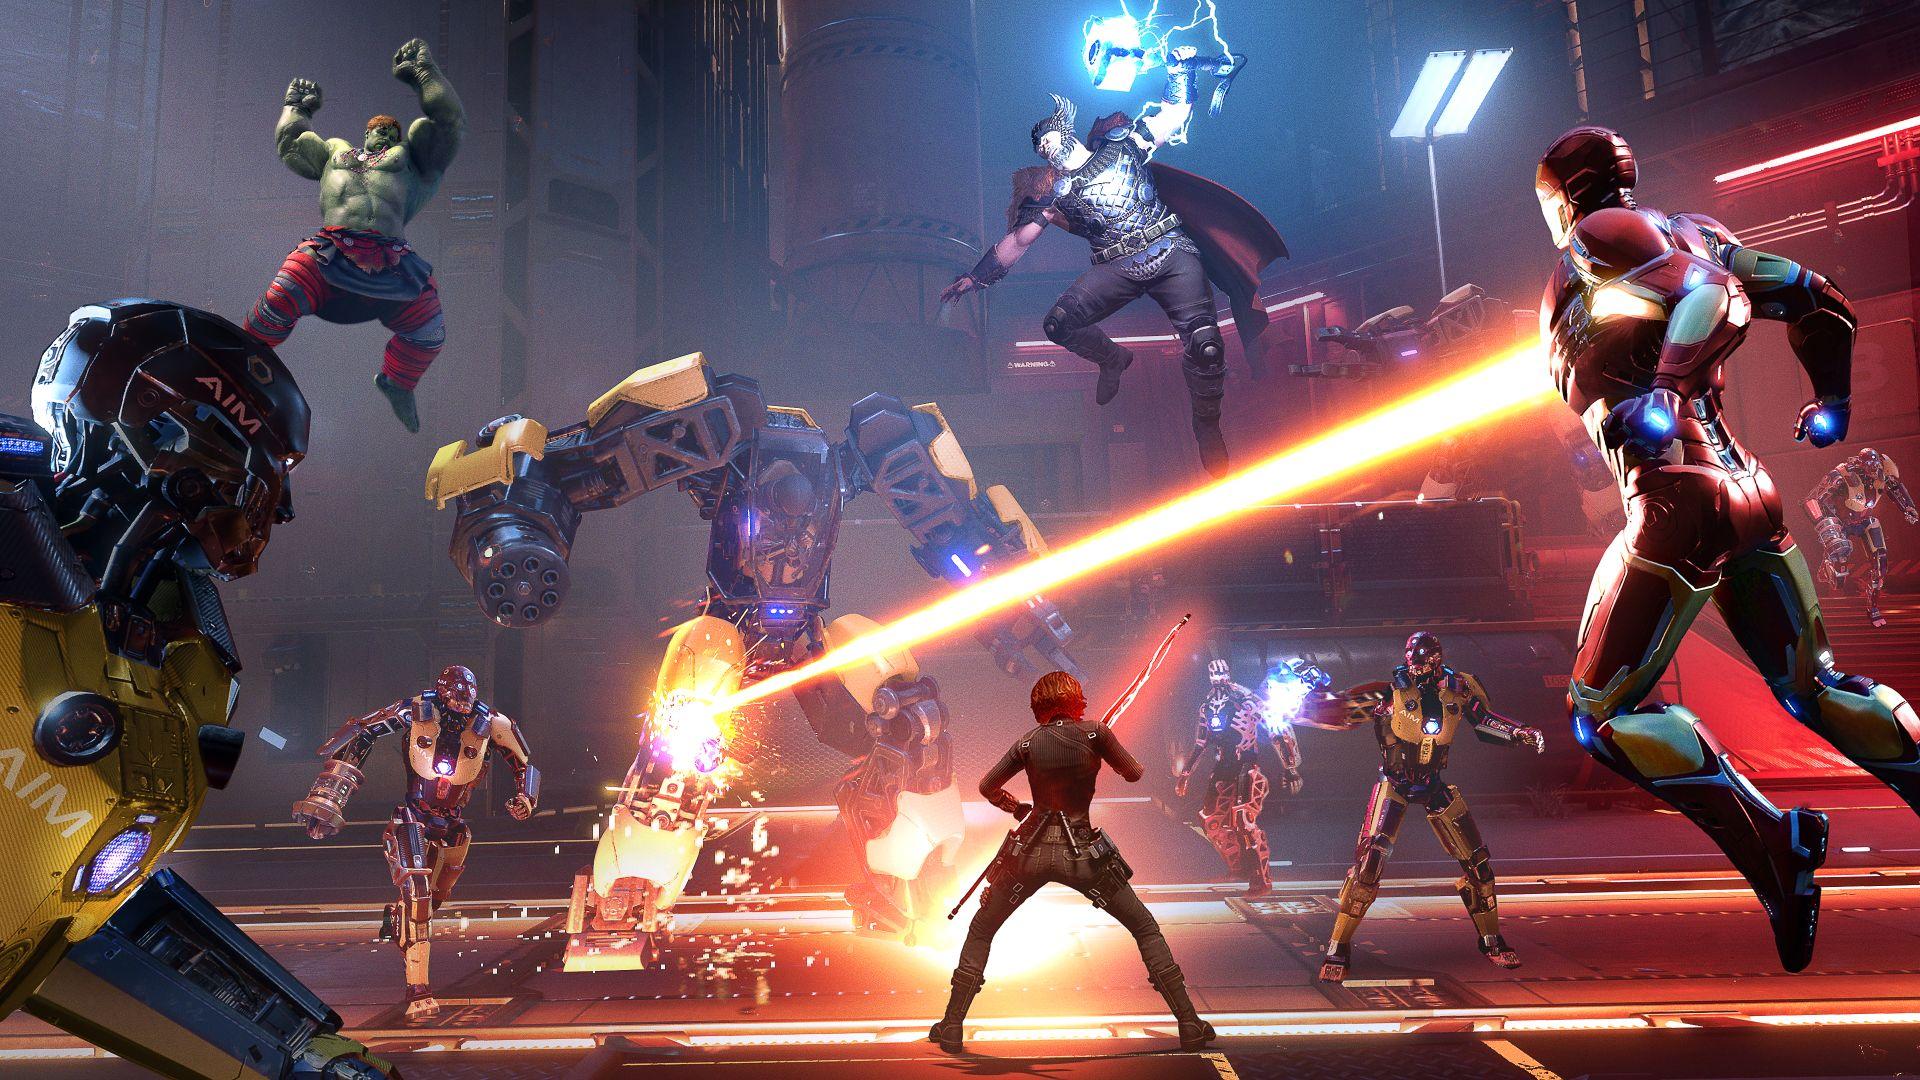 Postergan la versión de Marvel's Avengers para PlayStation 5 y Xbox Series X y S